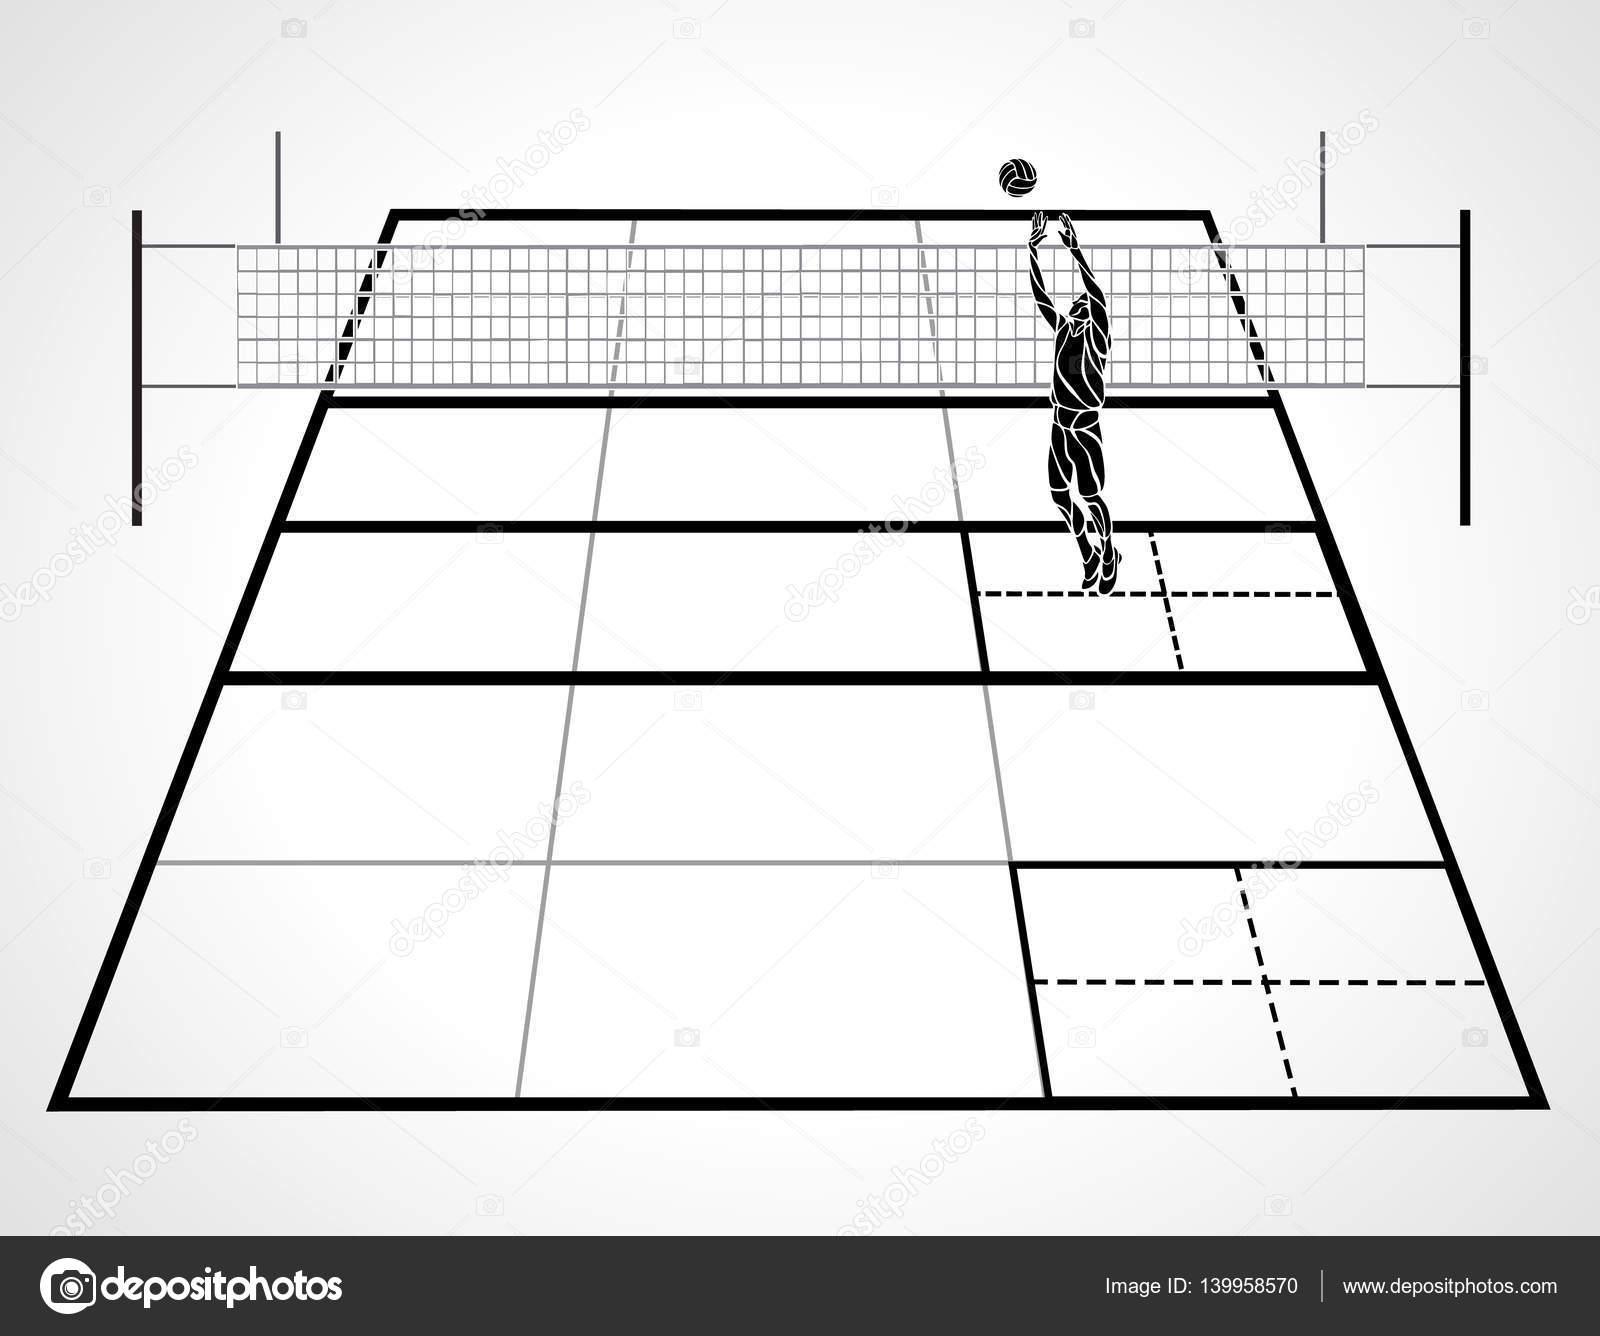 Dibujos Dibujo De La Cancha De Voleibol Cancha De Voleibol Con